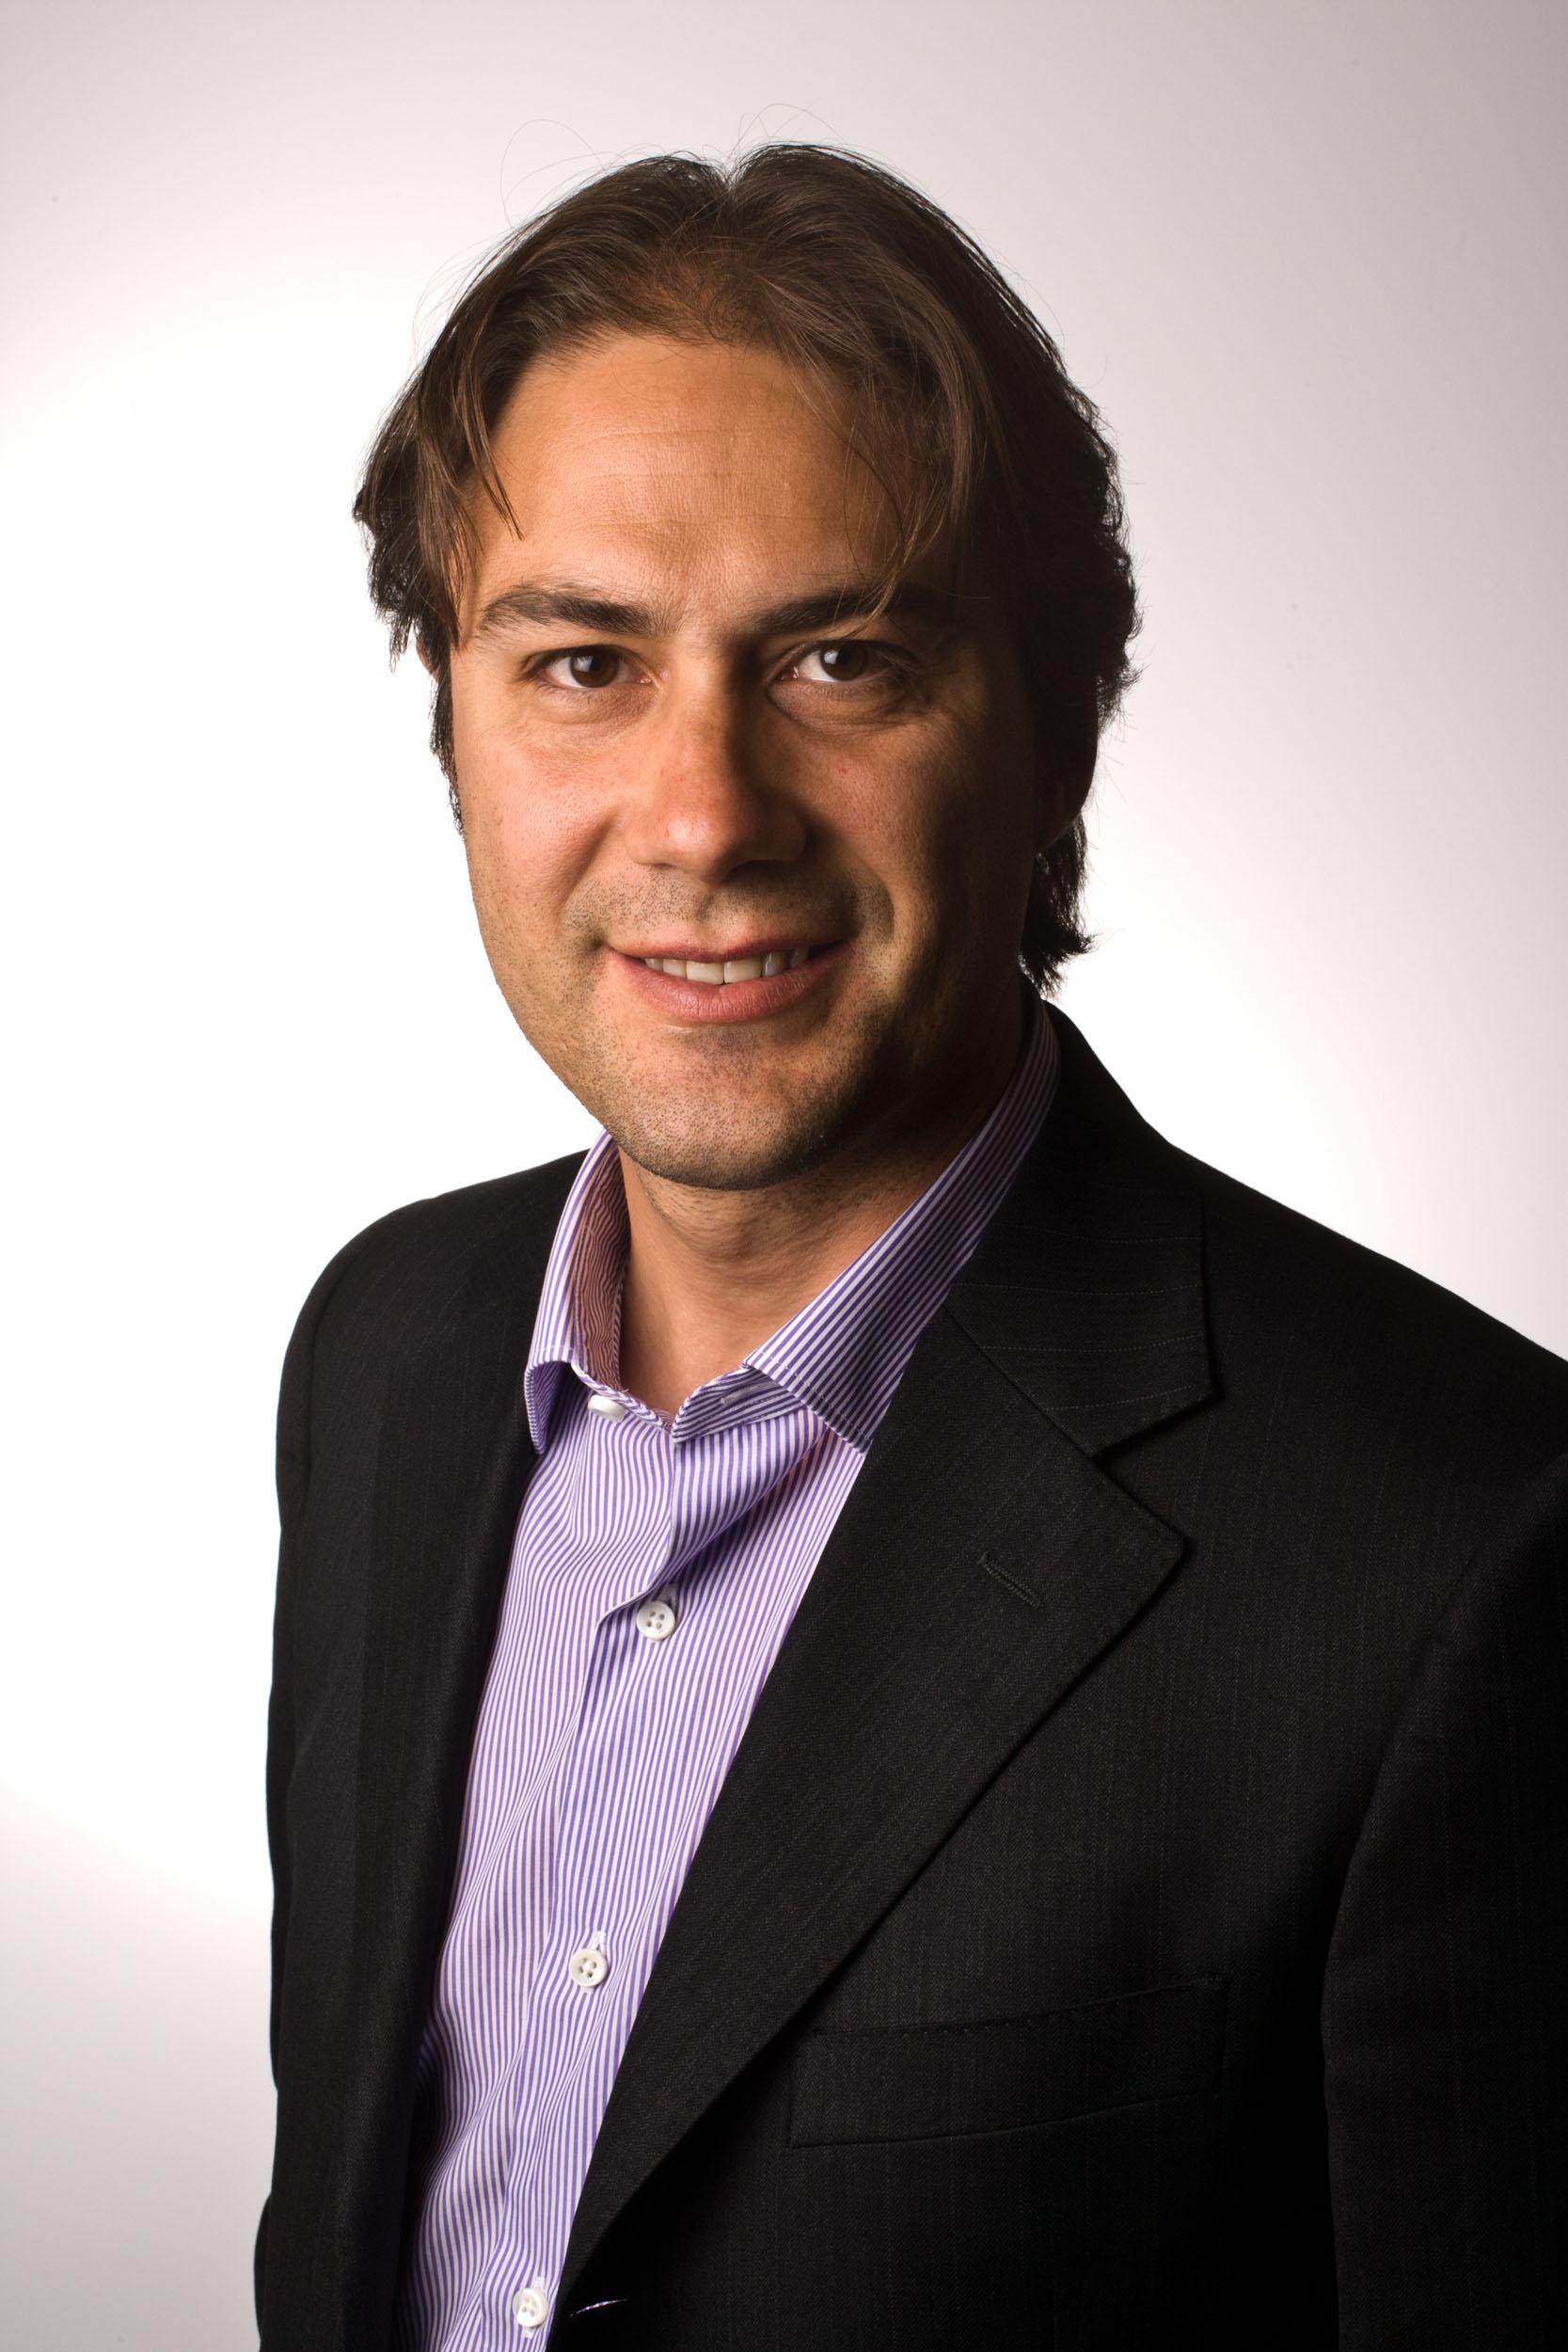 David Rios Rius